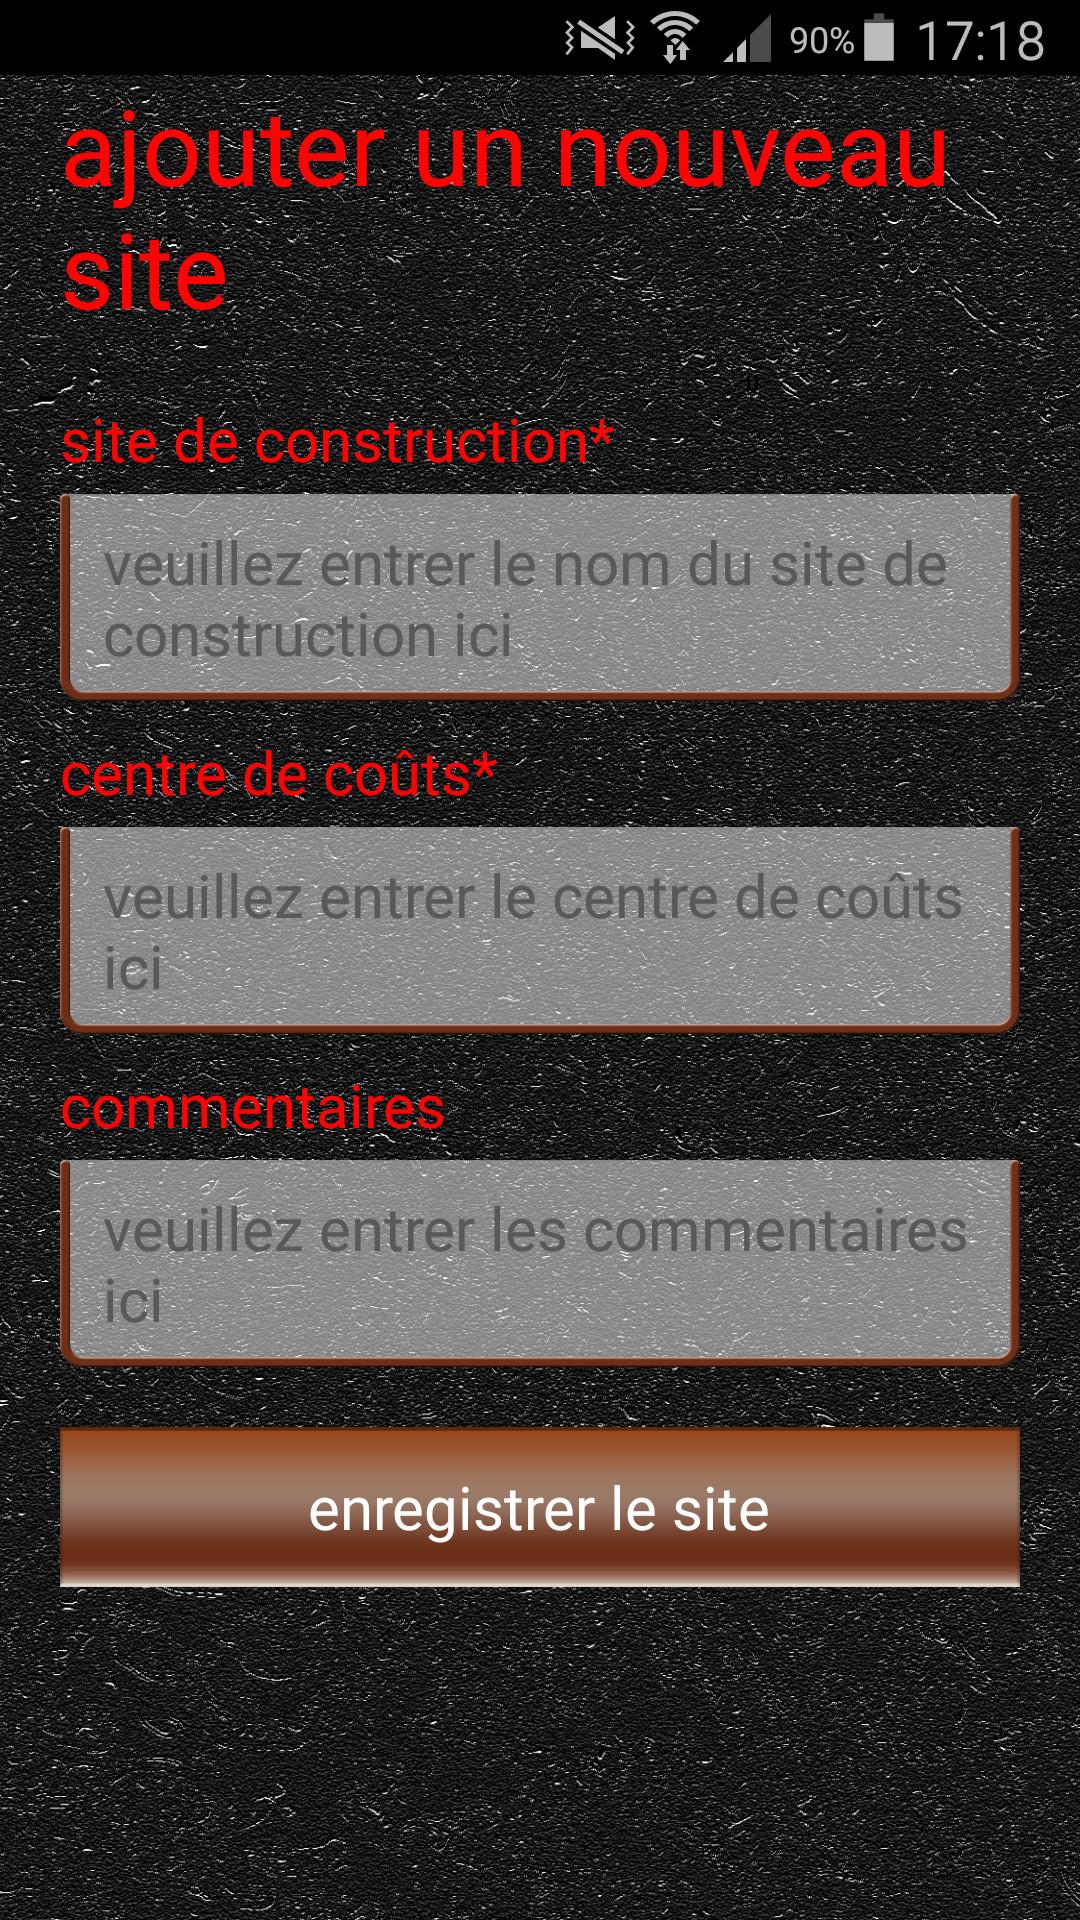 ginstr_app_miningSiteAttendance_FR_6